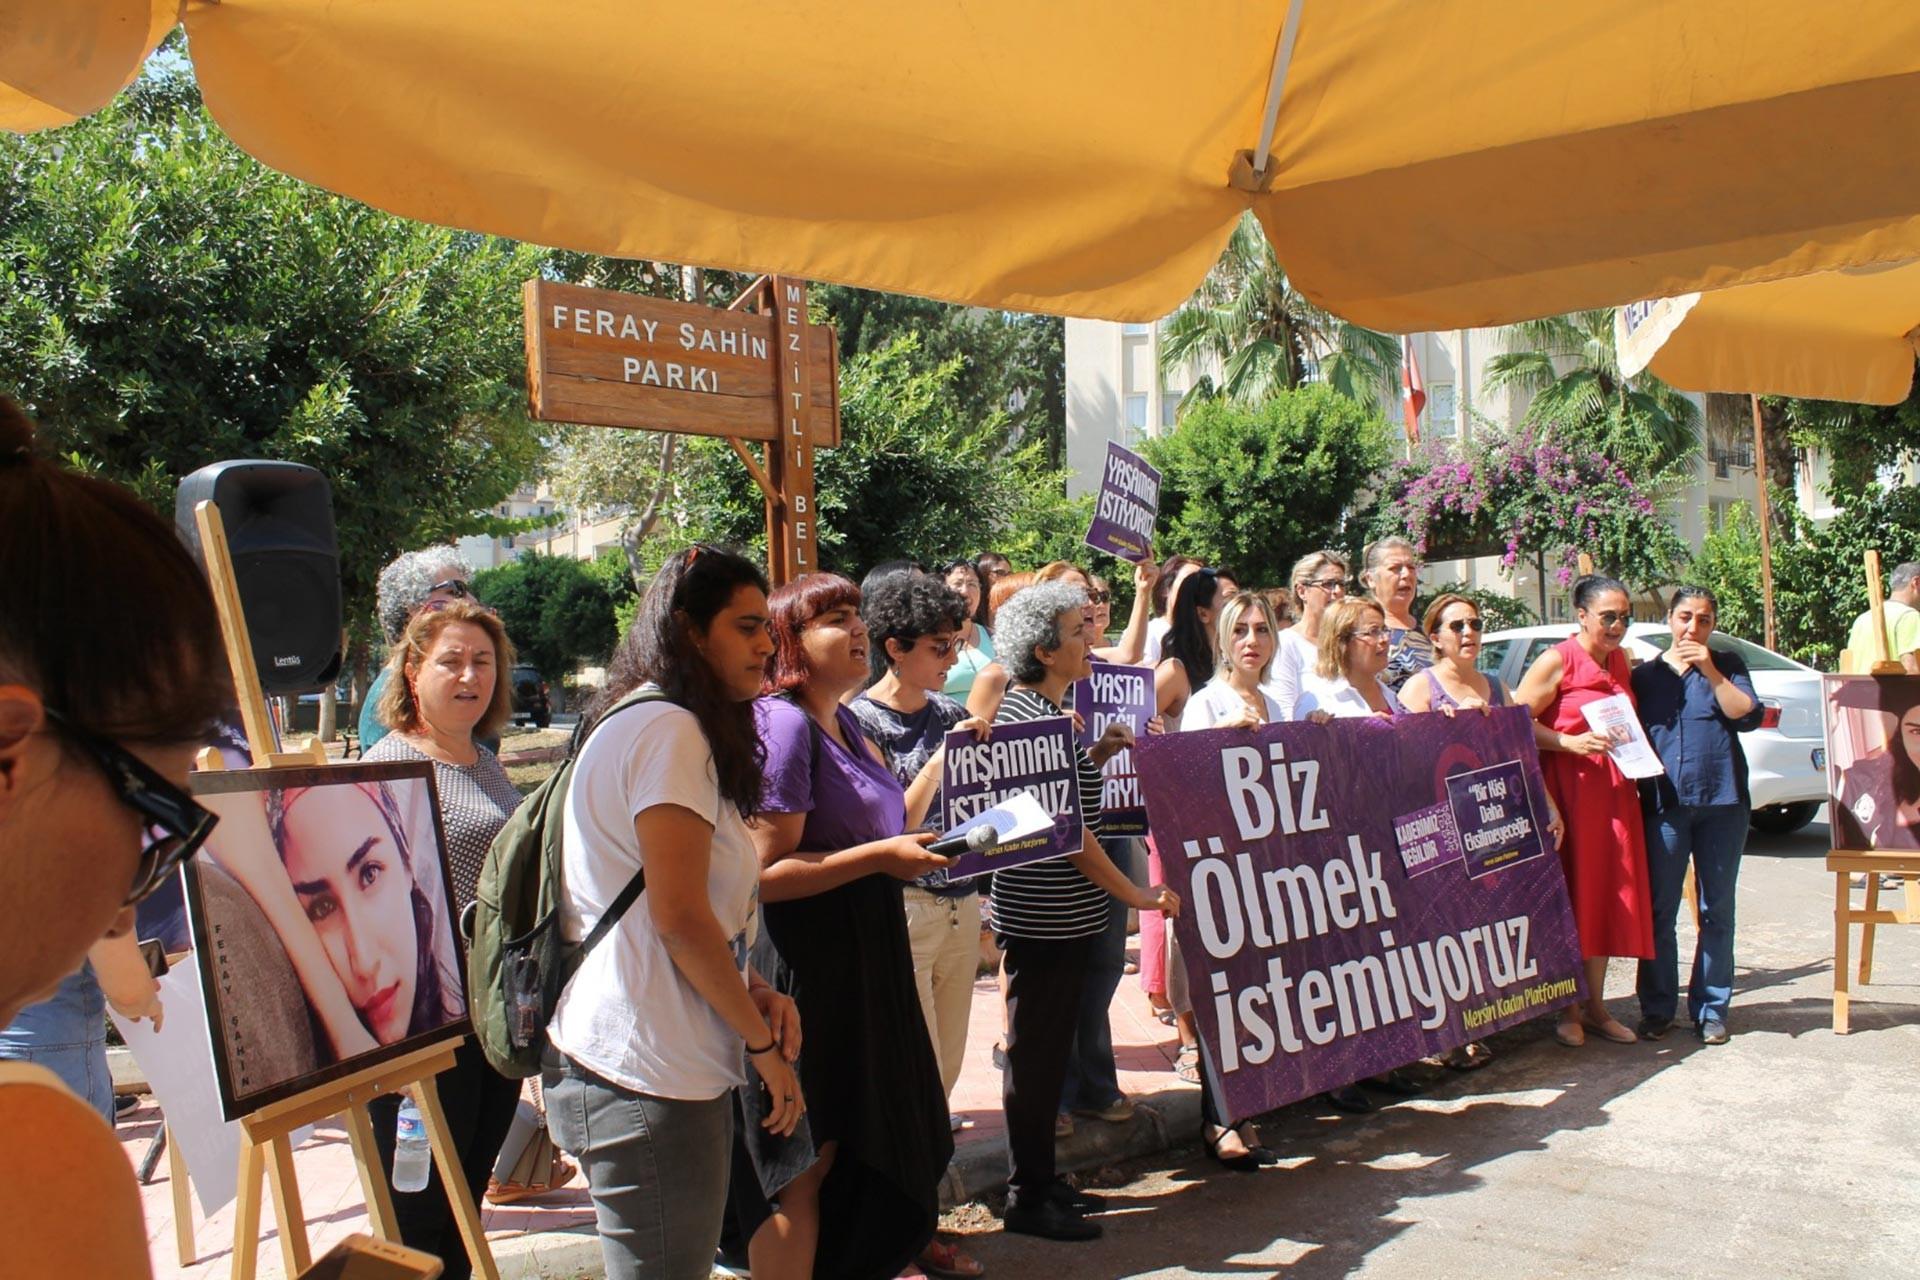 Mersin'de kadınlar, Feray Şahin'in ölüm yıldönümünde adının verildiği parkta açıklama yaptı.